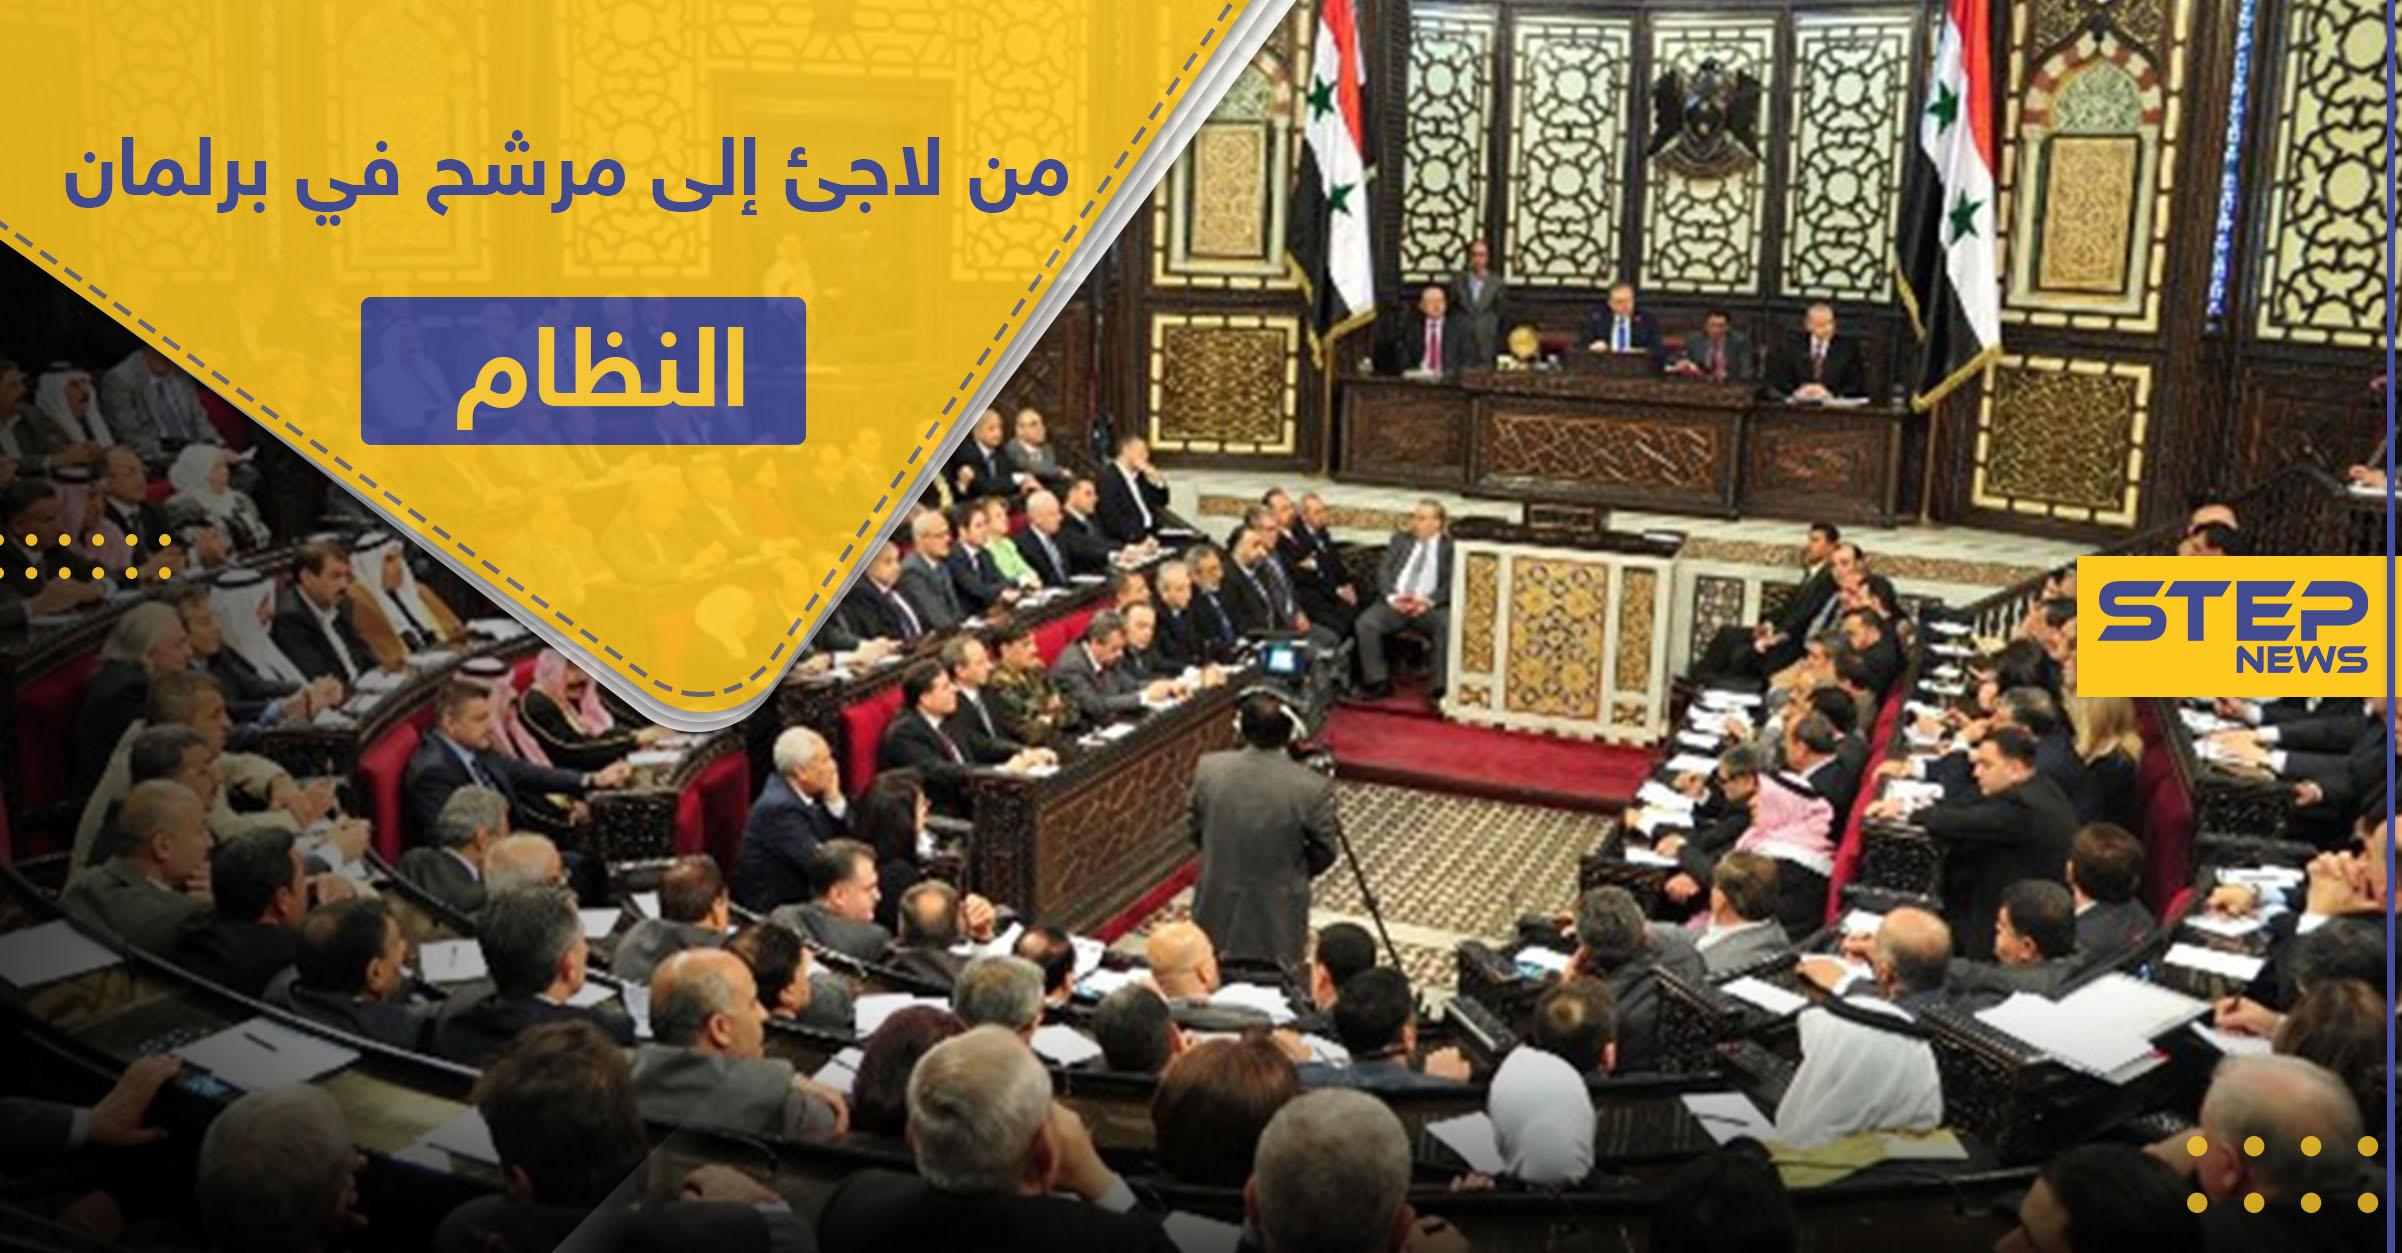 كشف تفاصيل جديدة حول مرشحي مجلس الشعب للنظام السوري